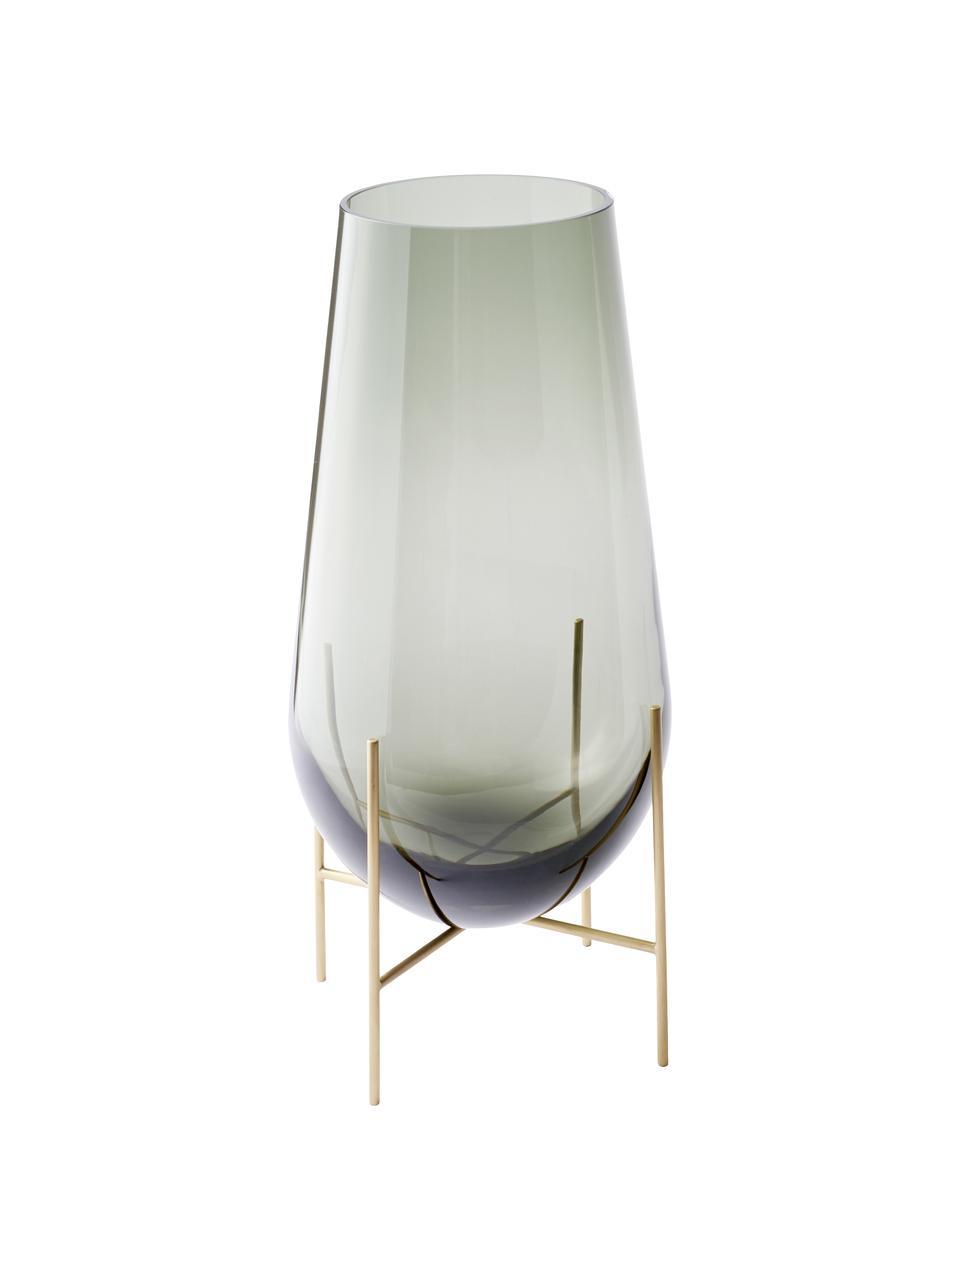 Vaso elegante di design Échasse, Struttura: ottone, Vaso: vetro soffiato, Ottonato, grigio, Ø 15 x Alt. 28 cm